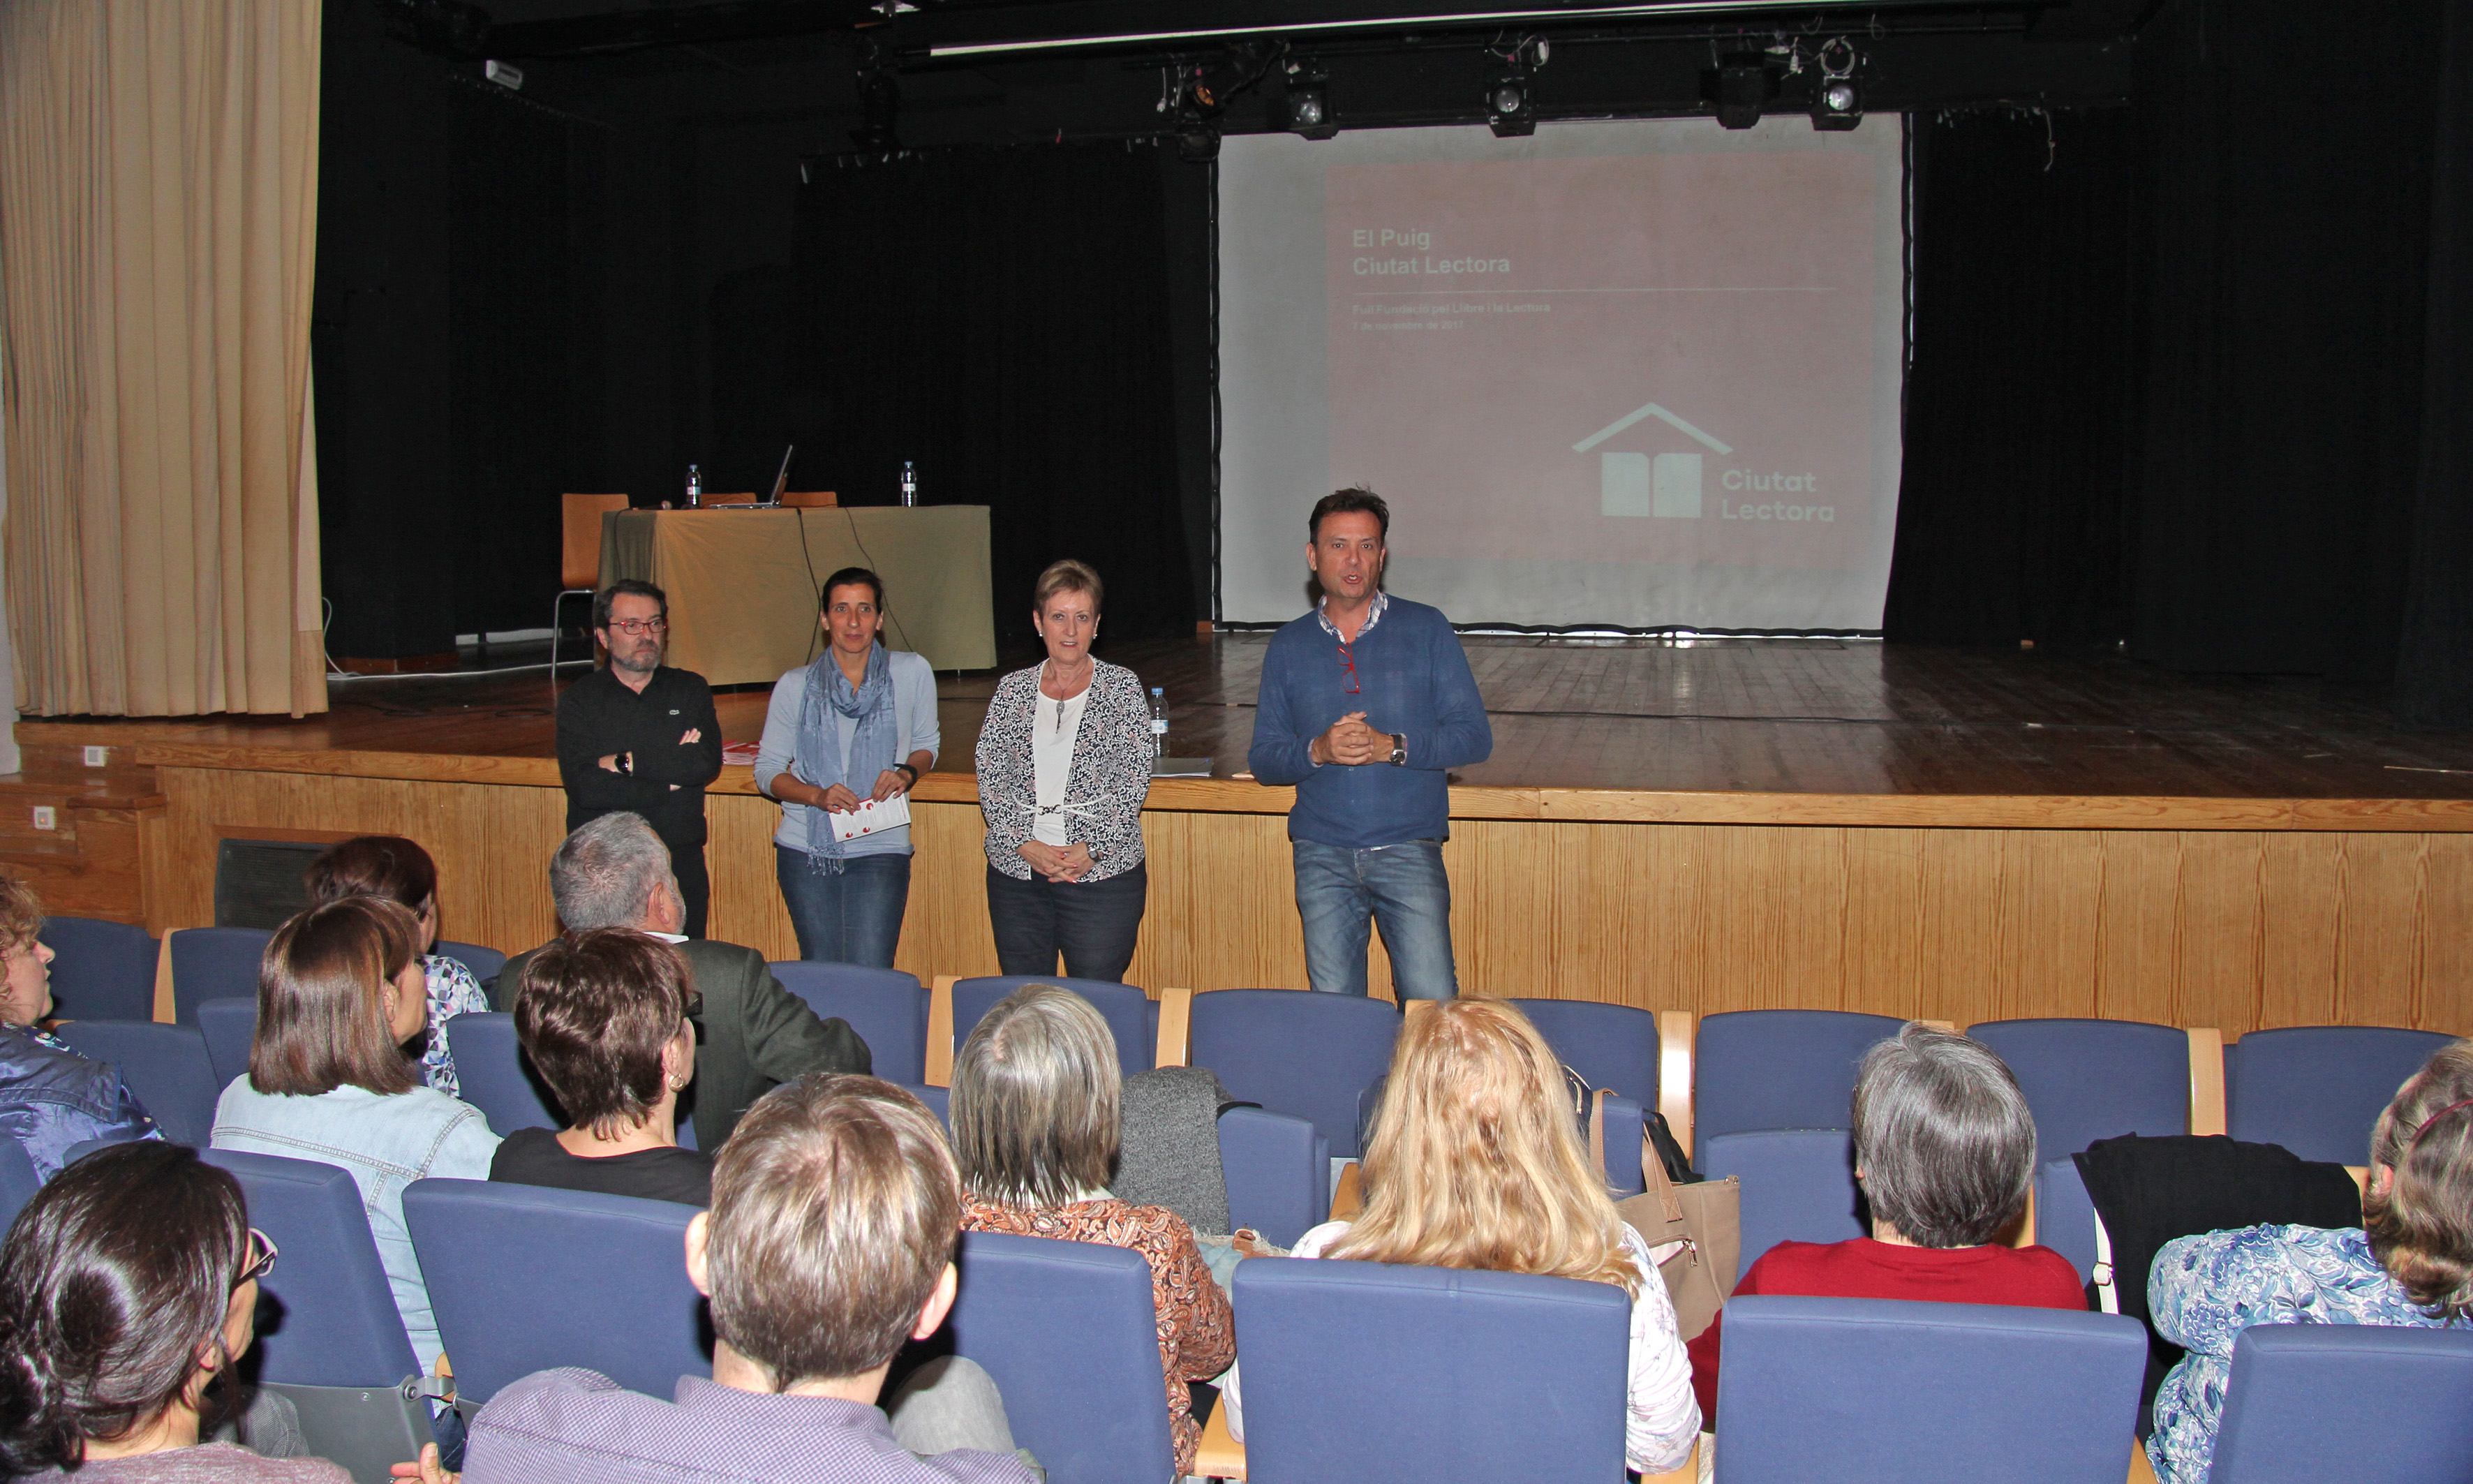 """El programa """"Ciutat Lectora"""", promovido por FULL-Fundació pel Llibre i la Lectura, cuenta con el apoyo del Área de Cultura de la Diputació de València."""